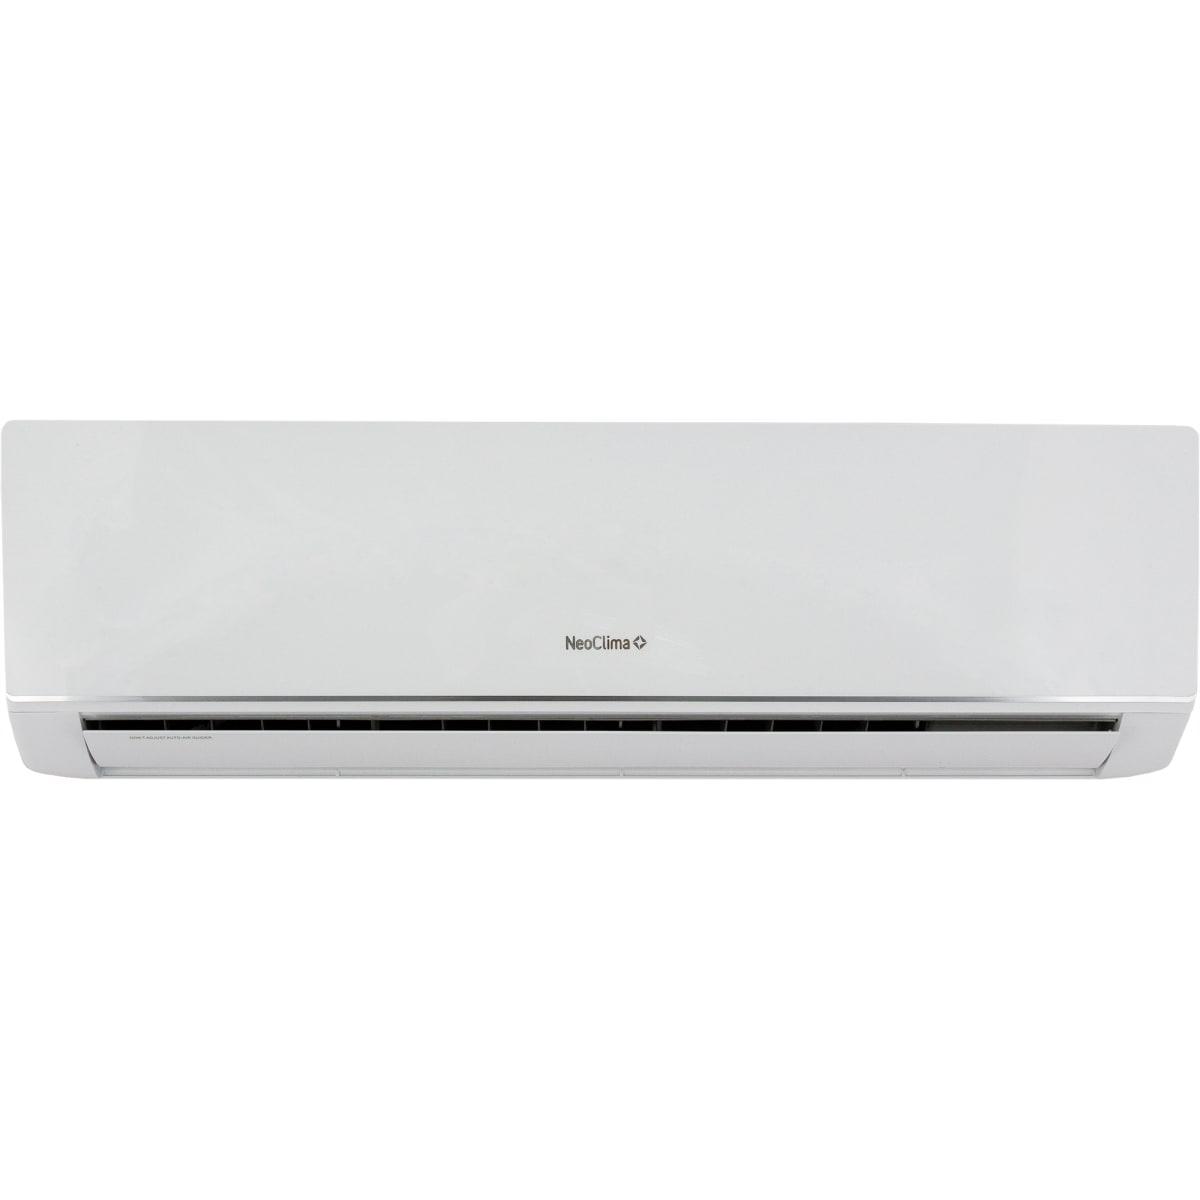 Сплит-система Neoclima NS/NU-HAX24R, охлаждение/обогрев